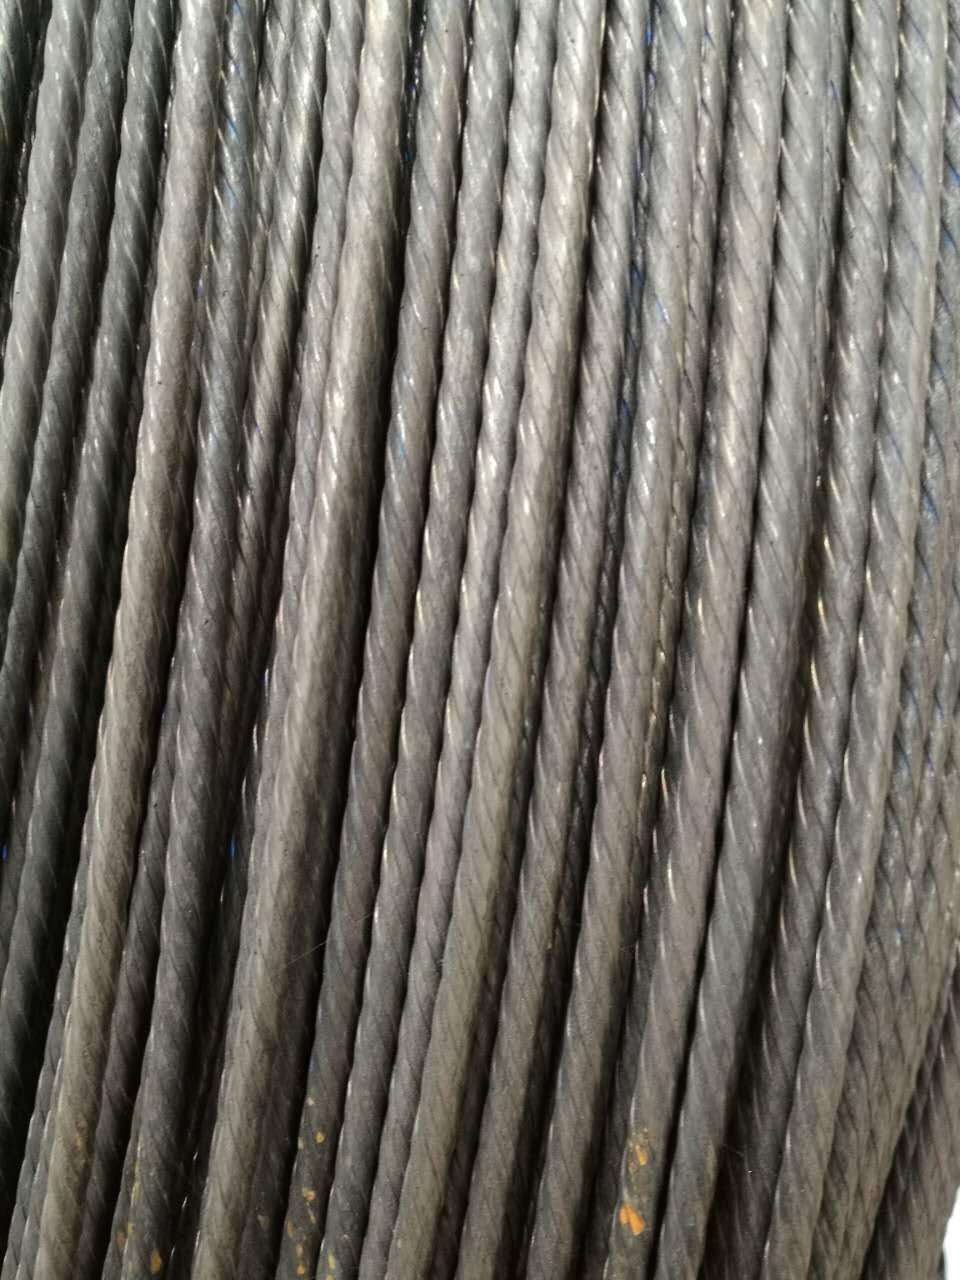 ASTM A416-2006 Grade 1860 strand wire